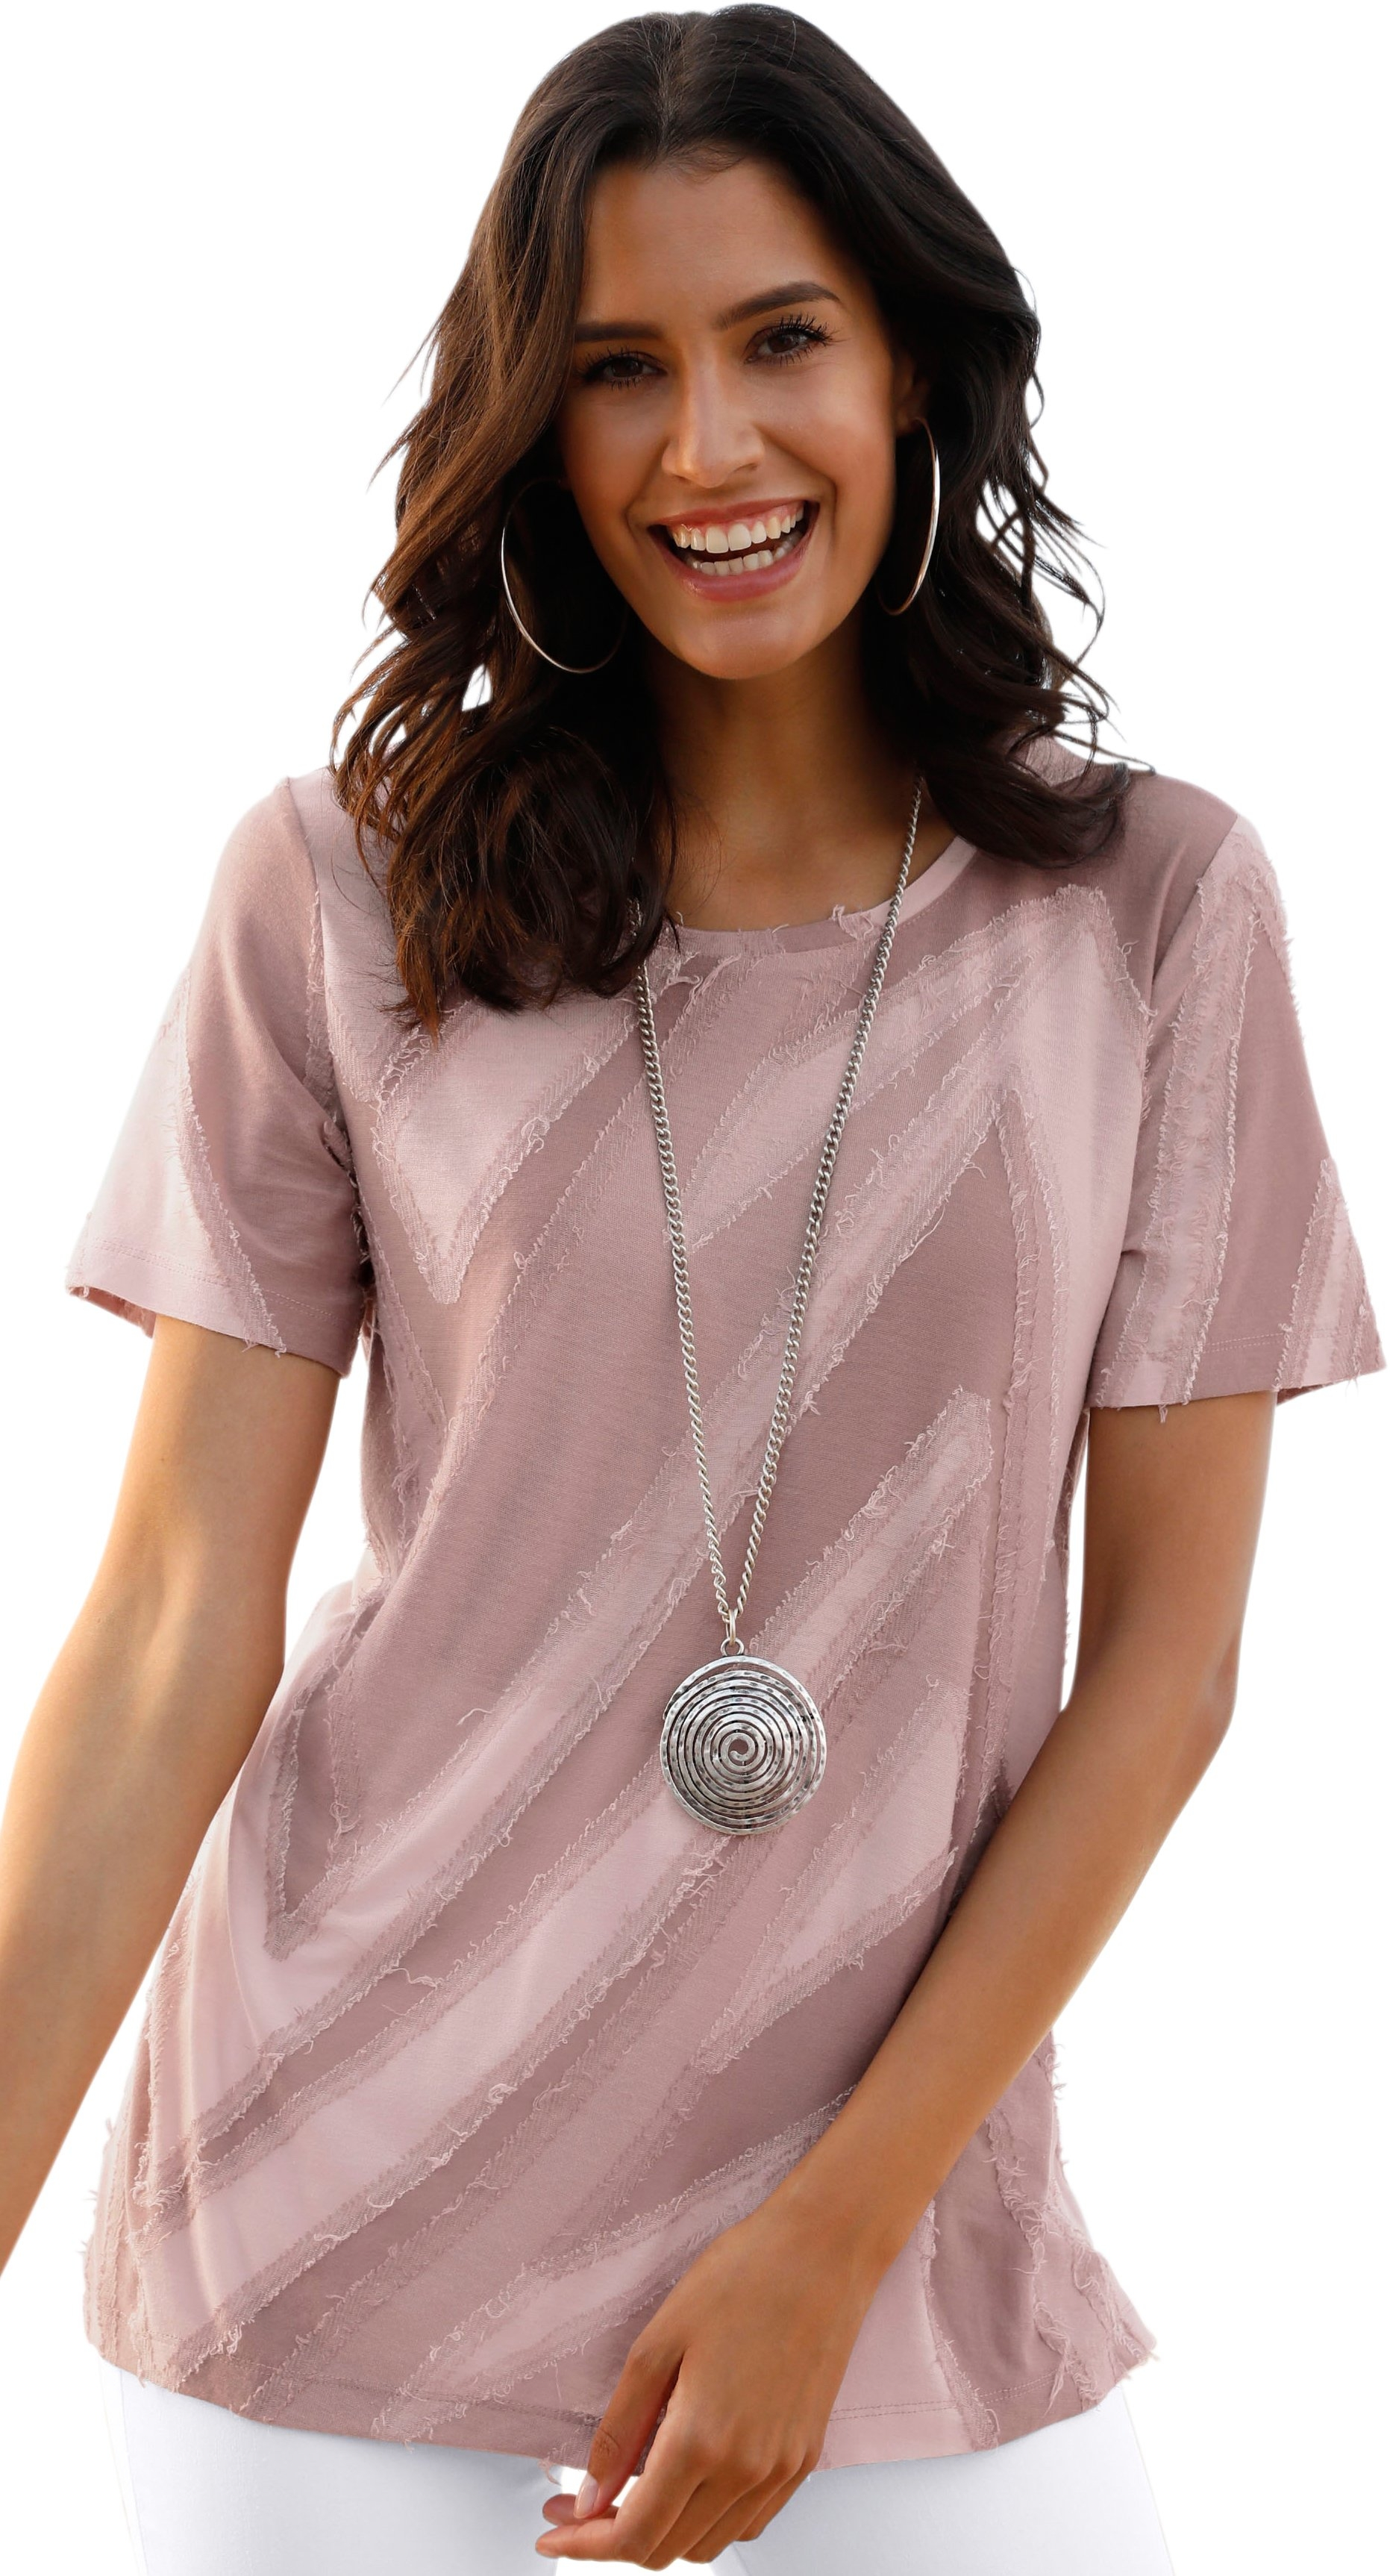 In Fantasievol Winkel Classic Shirt Online De Inspirationen Met Printmotief 4jL35AqR